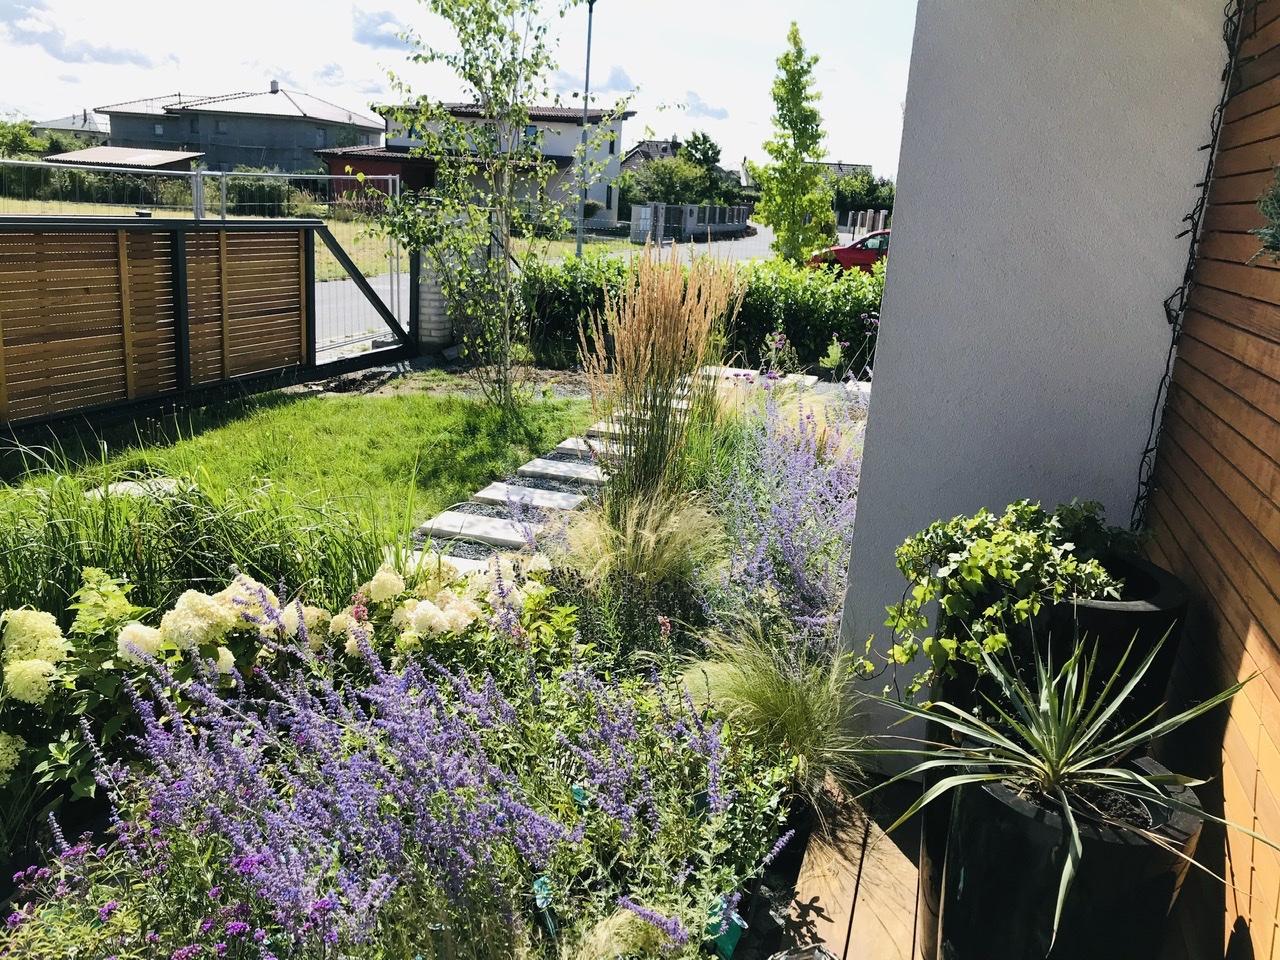 Naše L-ko - 2021 - stále dokončujeme - Pred domom - čakajúce rastlinky, cez víkend po skončení návštev začínam so sadením